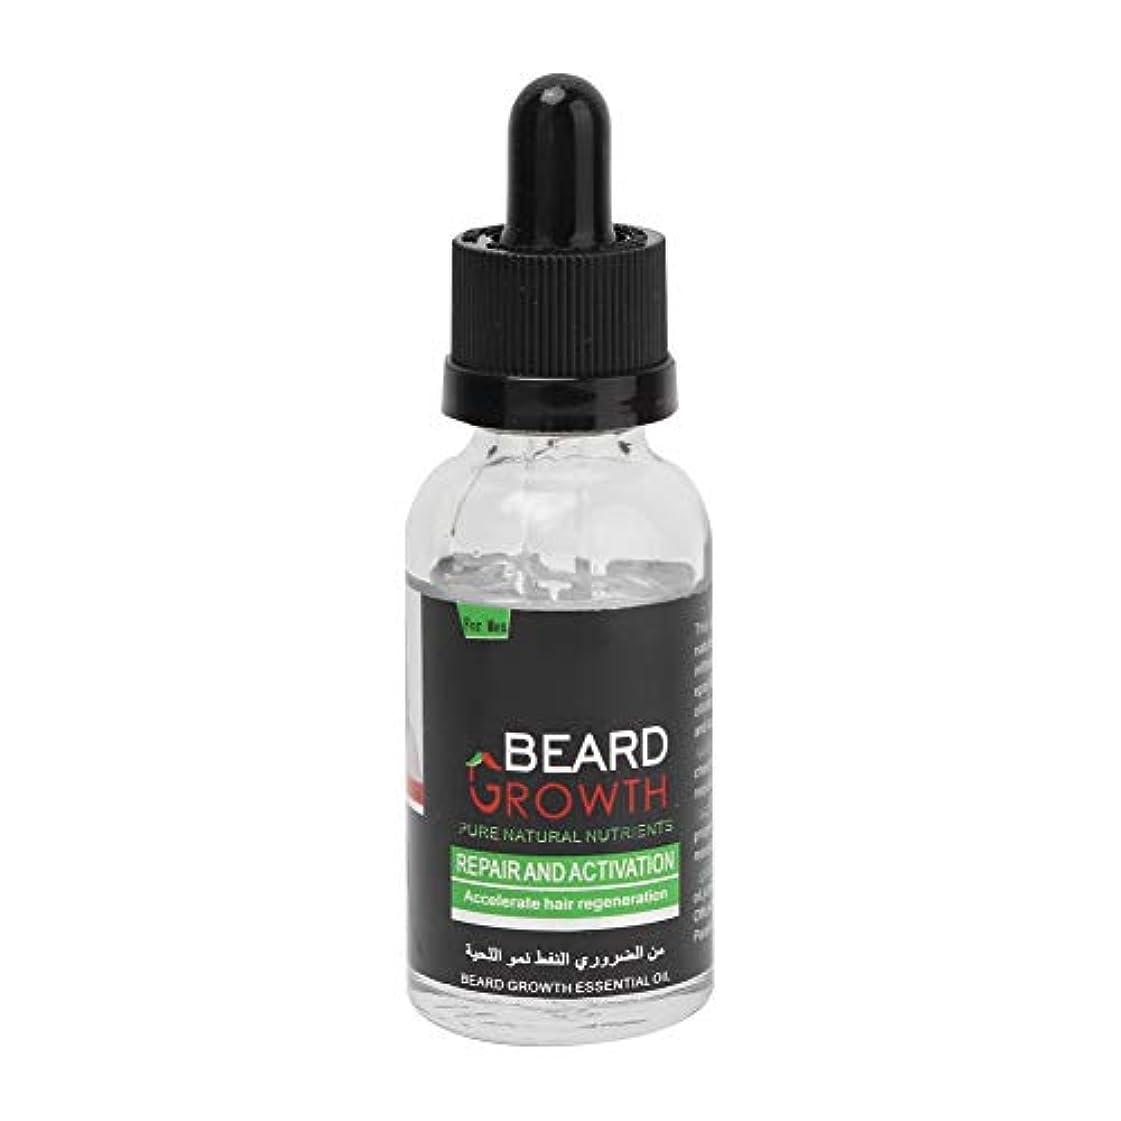 同情的音声研磨40ミリリットルひげケアオイル、男性ひげオイルひげソフト栄養モイスチャライジングバームひげケアオイル